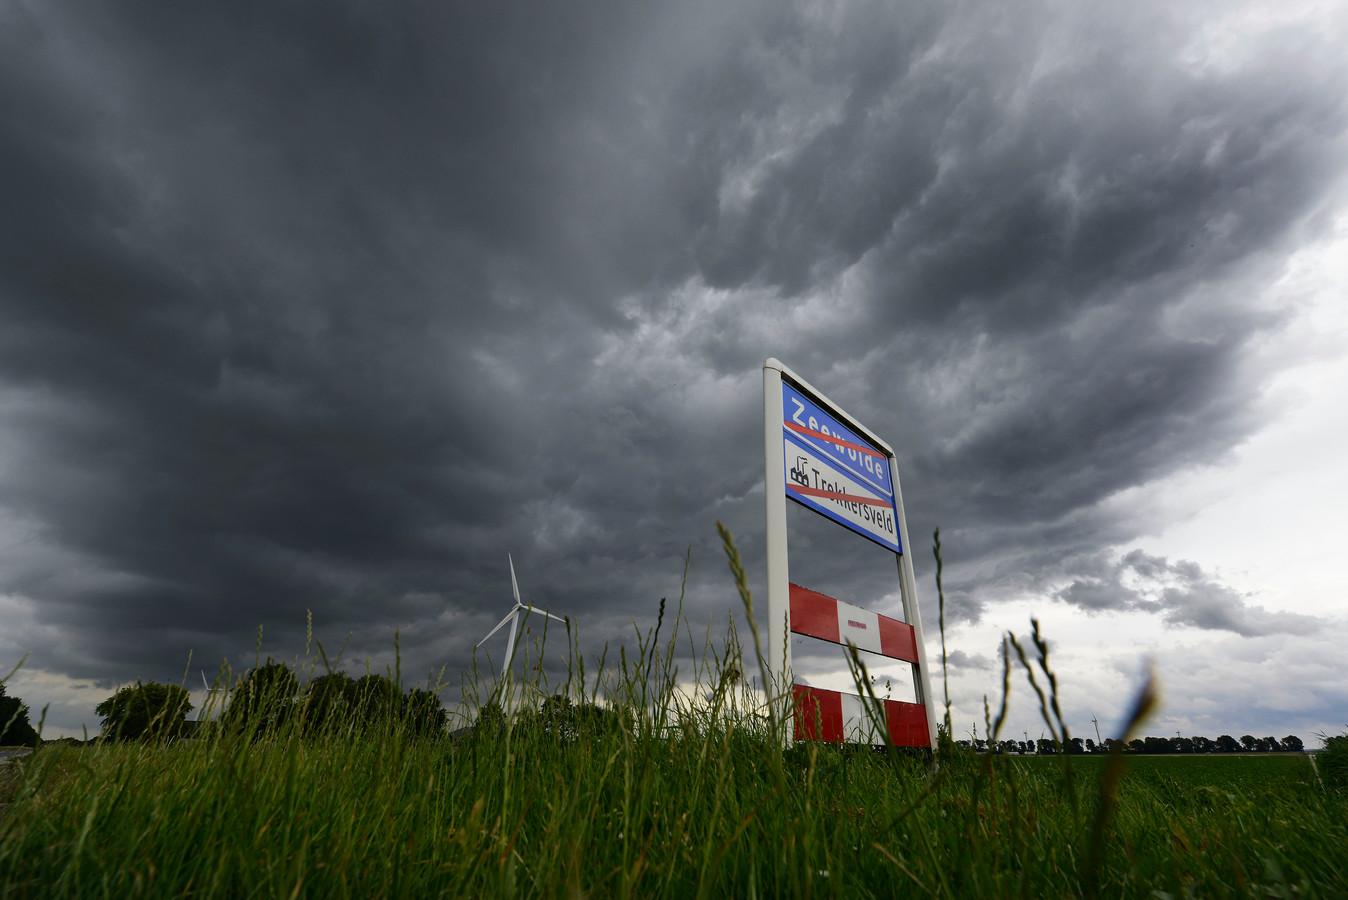 Donkere wolken pakken zich samen boven Zeewolde, vindt Stichting DataTruc Zeewolde, nu er sprake is van de bouw van een hyperscale datacentrum op bedrijventerrein Trekkersveld en mogelijk zelfs van een tweede datacentrum op grondgebied van Zeewolde bij de A27.